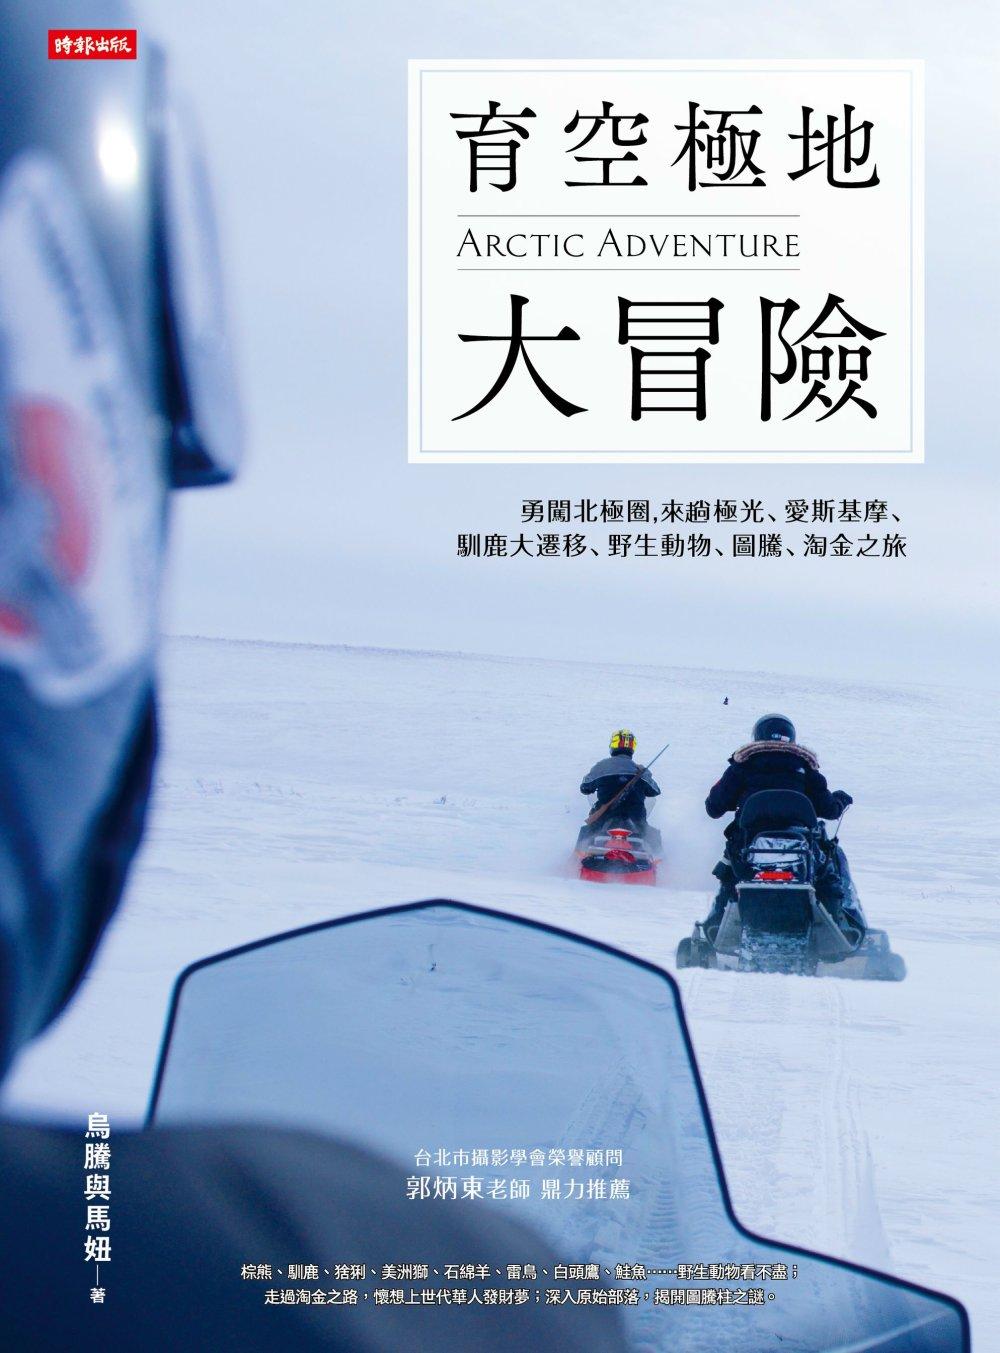 ◤博客來BOOKS◢ 暢銷書榜《推薦》育空極地大冒險:勇闖北極圈,來趟極光、愛斯基摩、馴鹿大遷移、野生動物、圖騰、淘金之旅